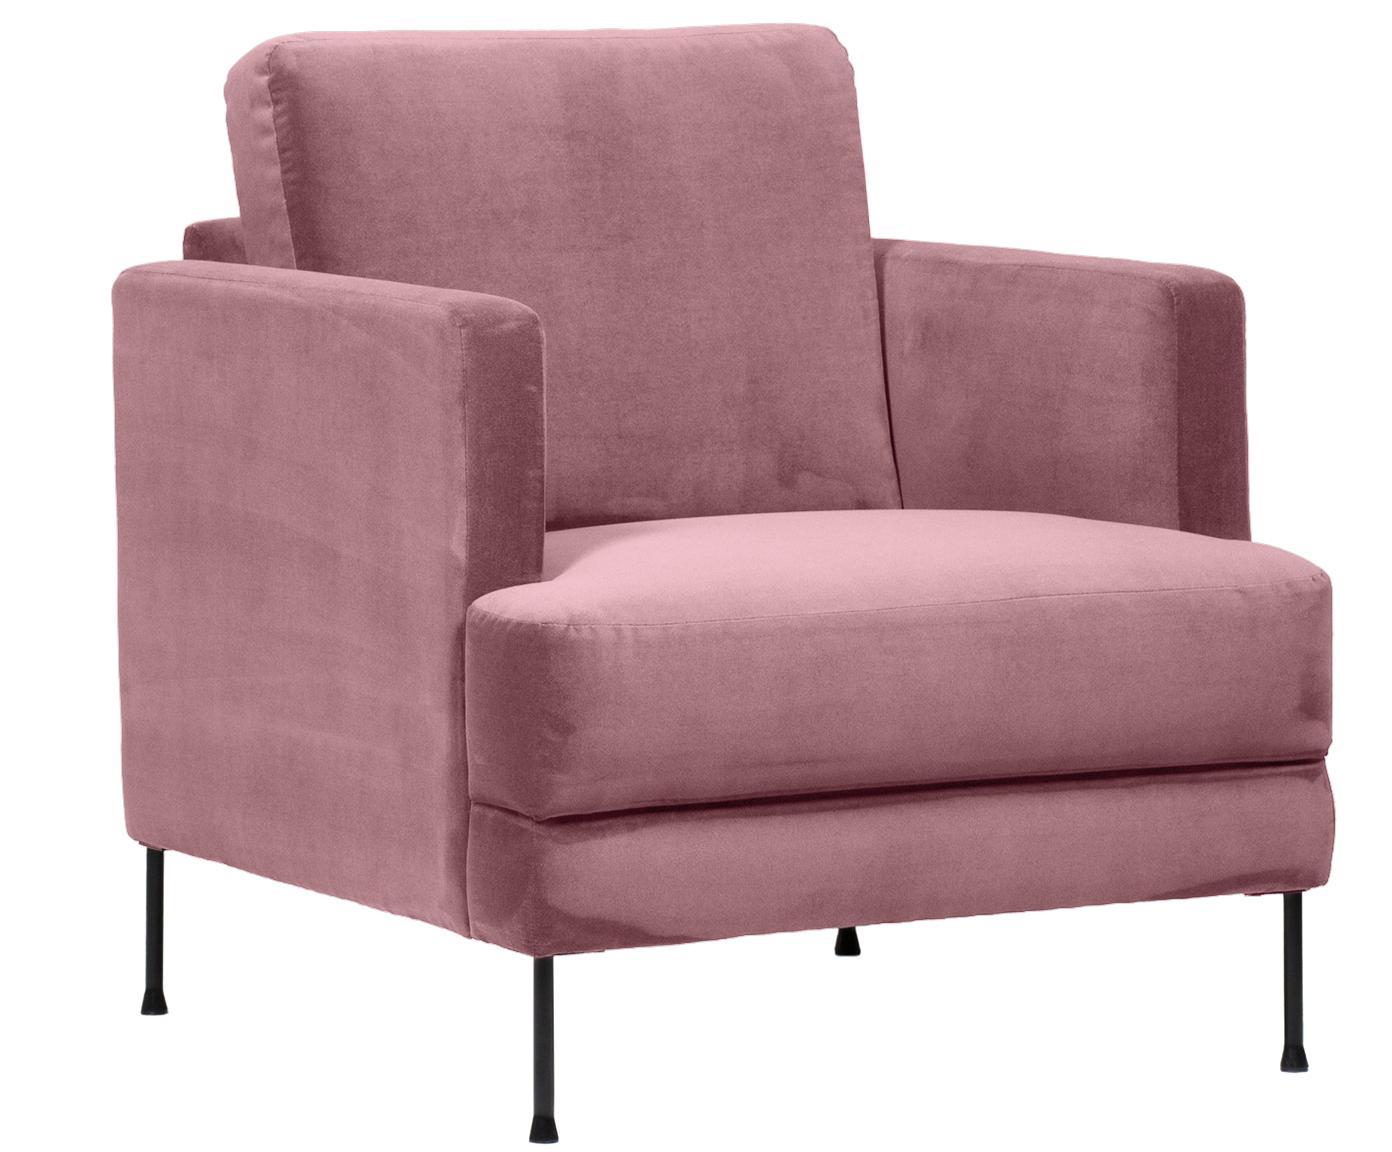 Sillón de terciopelo Fluente, Tapizado: terciopelo (tapizado de p, Estructura: madera de pino macizo, Patas: metal, Terciopelo rosa, An 76 x F 83 cm